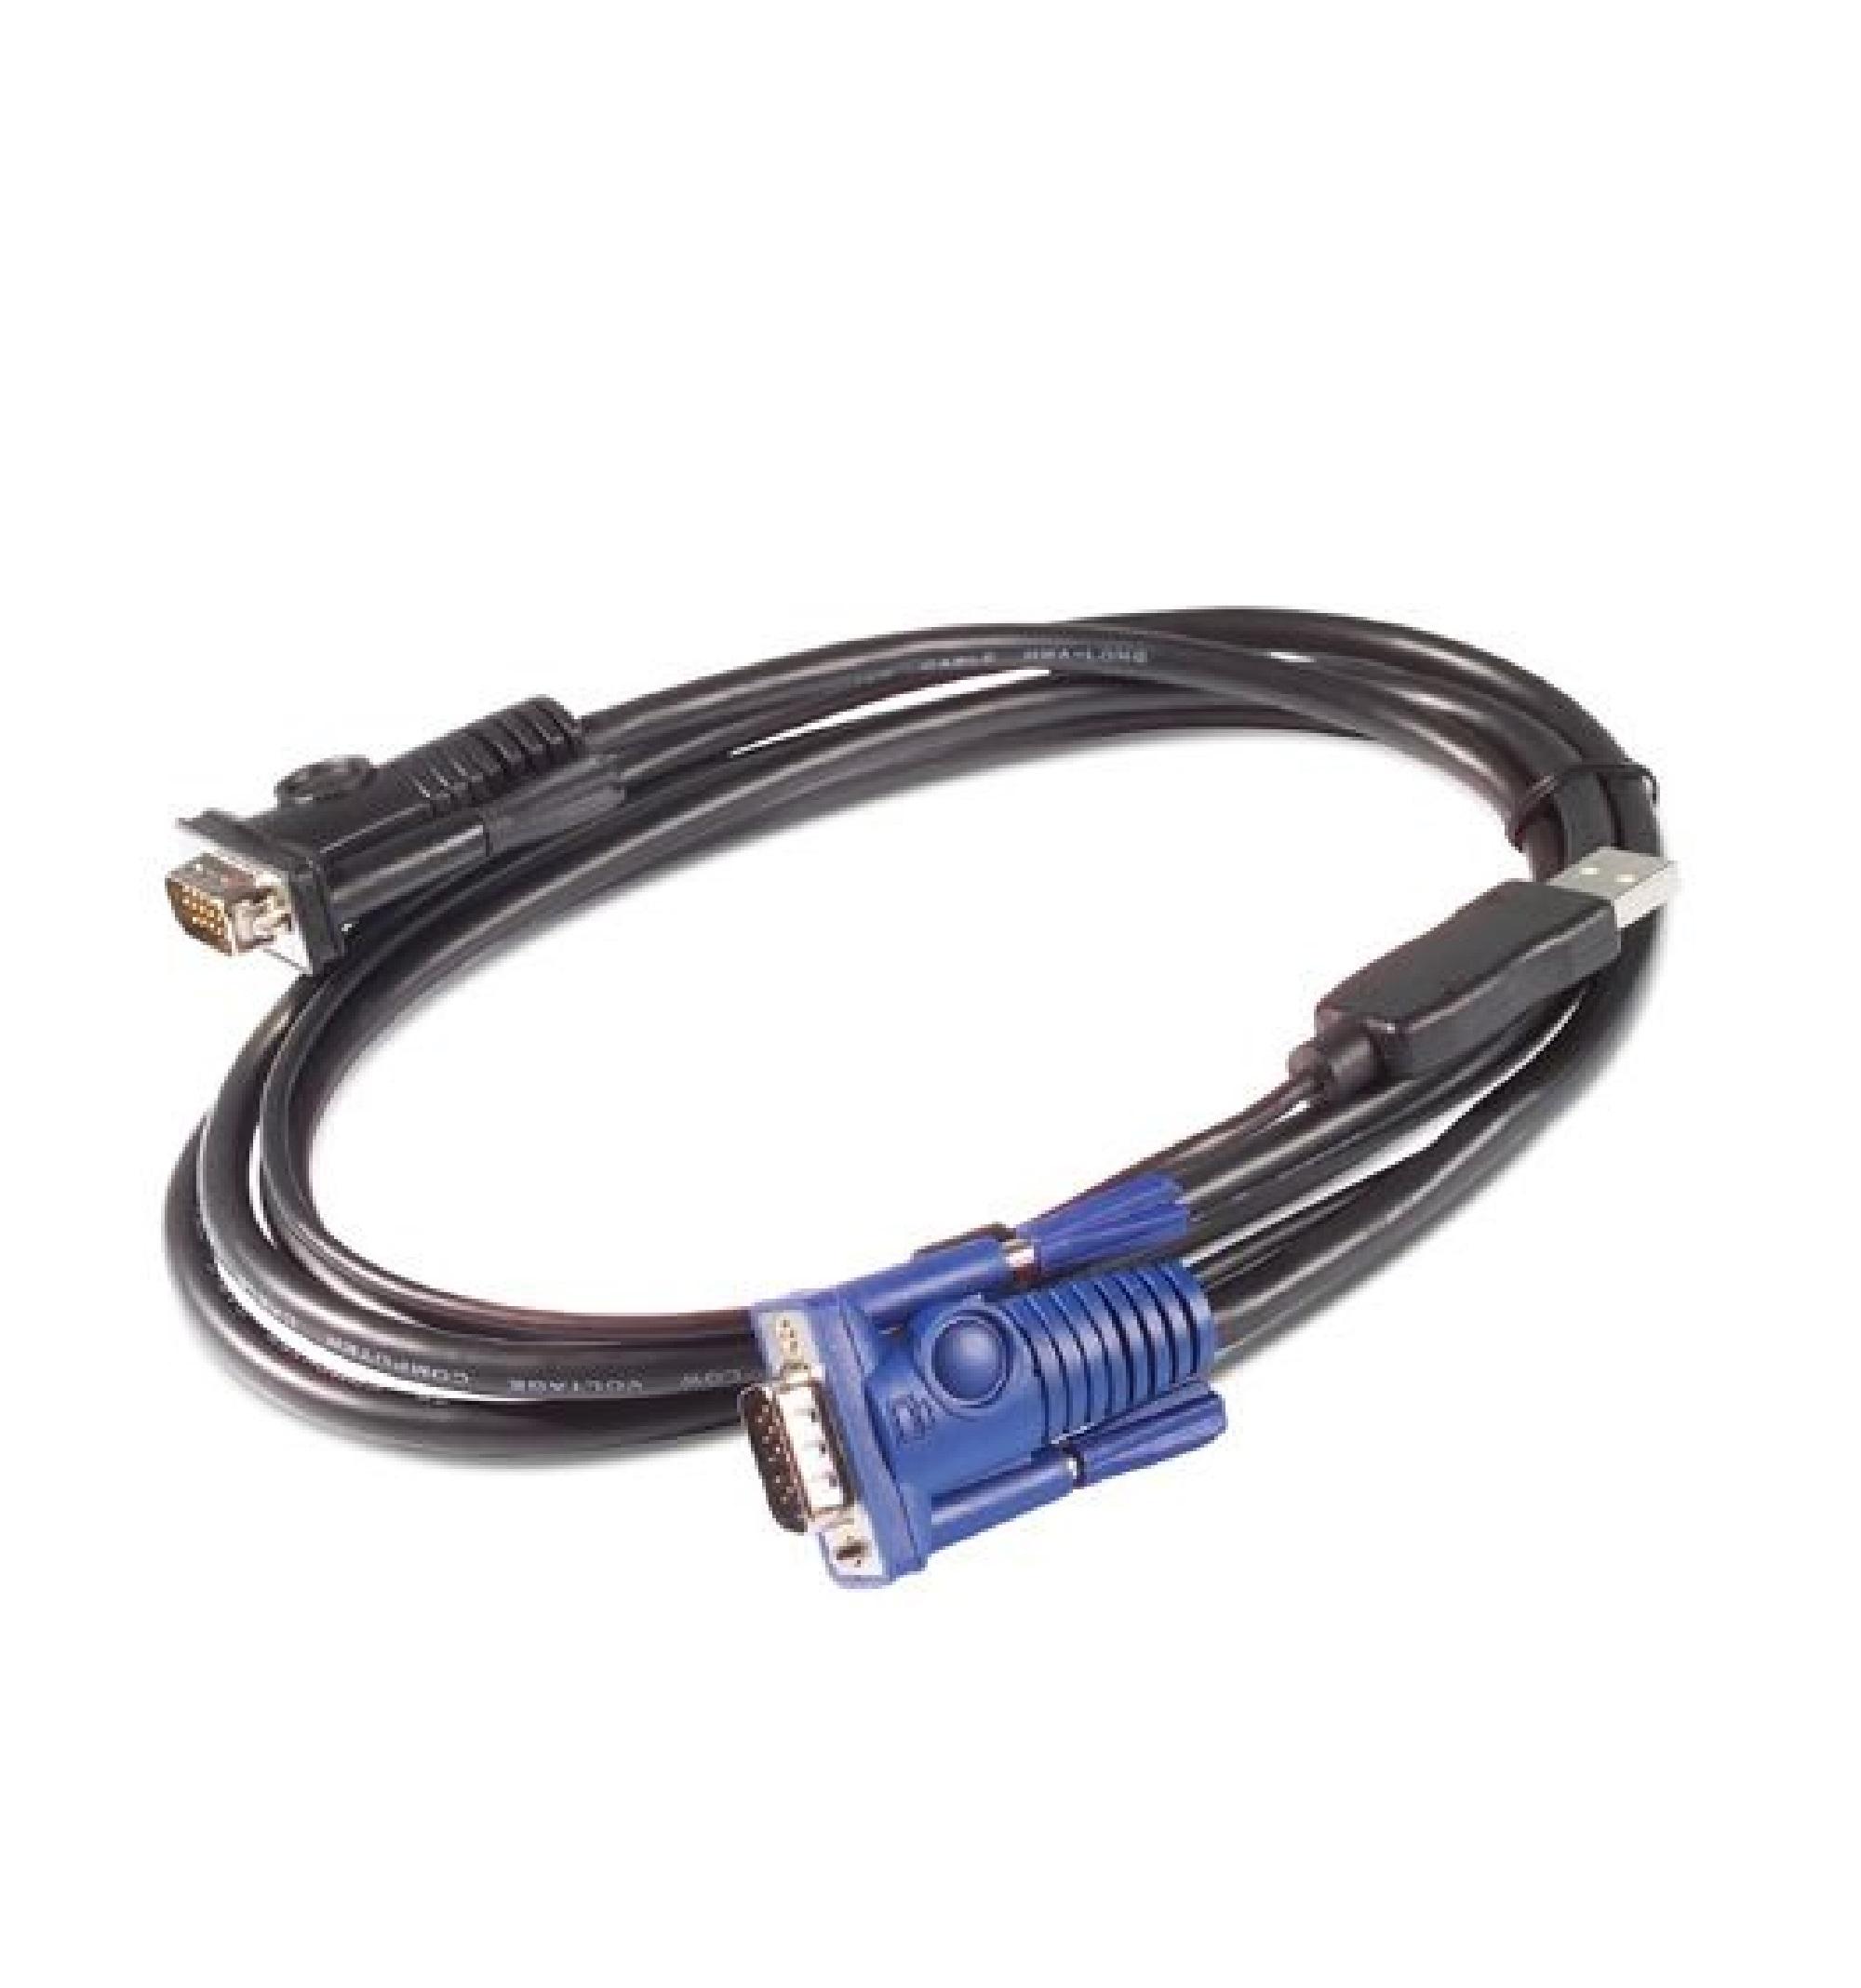 Cabo teclado vídeo mouse SUN USB da APC, 3,6 m